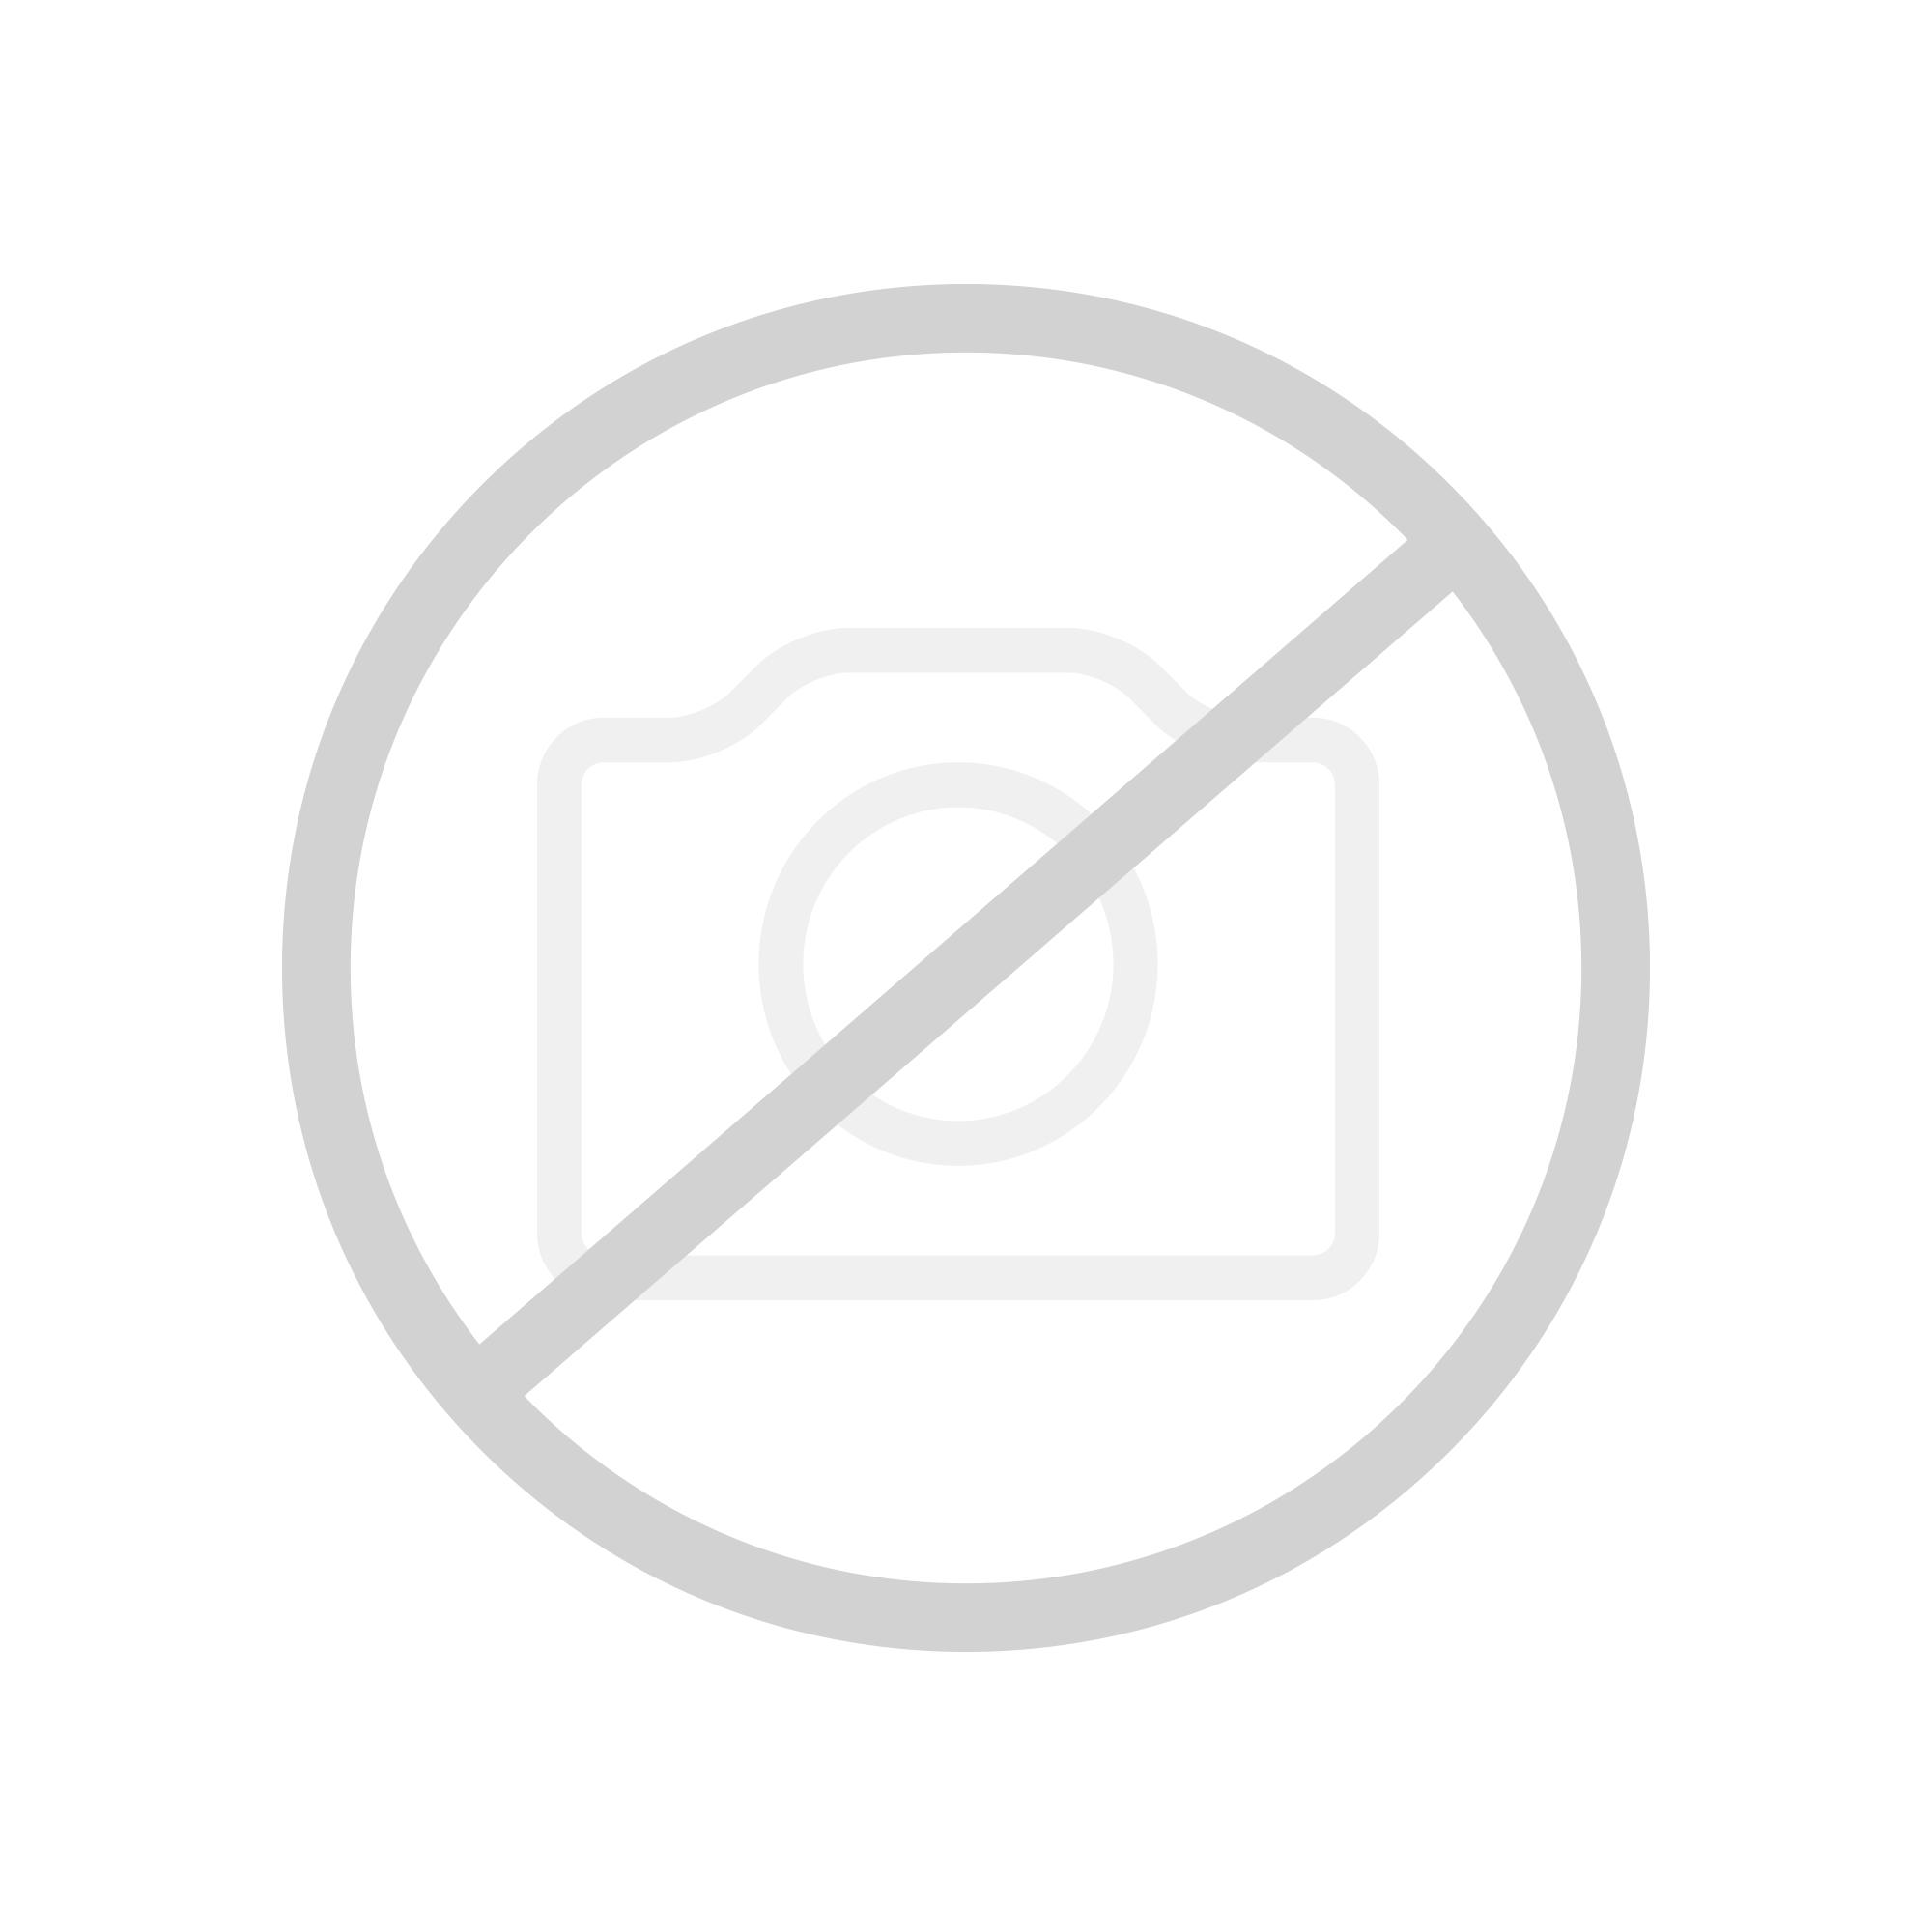 Unterschiedlich Geberit Sigma50 Betätigungsplatte für 2-Mengen-Spülung weiß/chrom  UT04